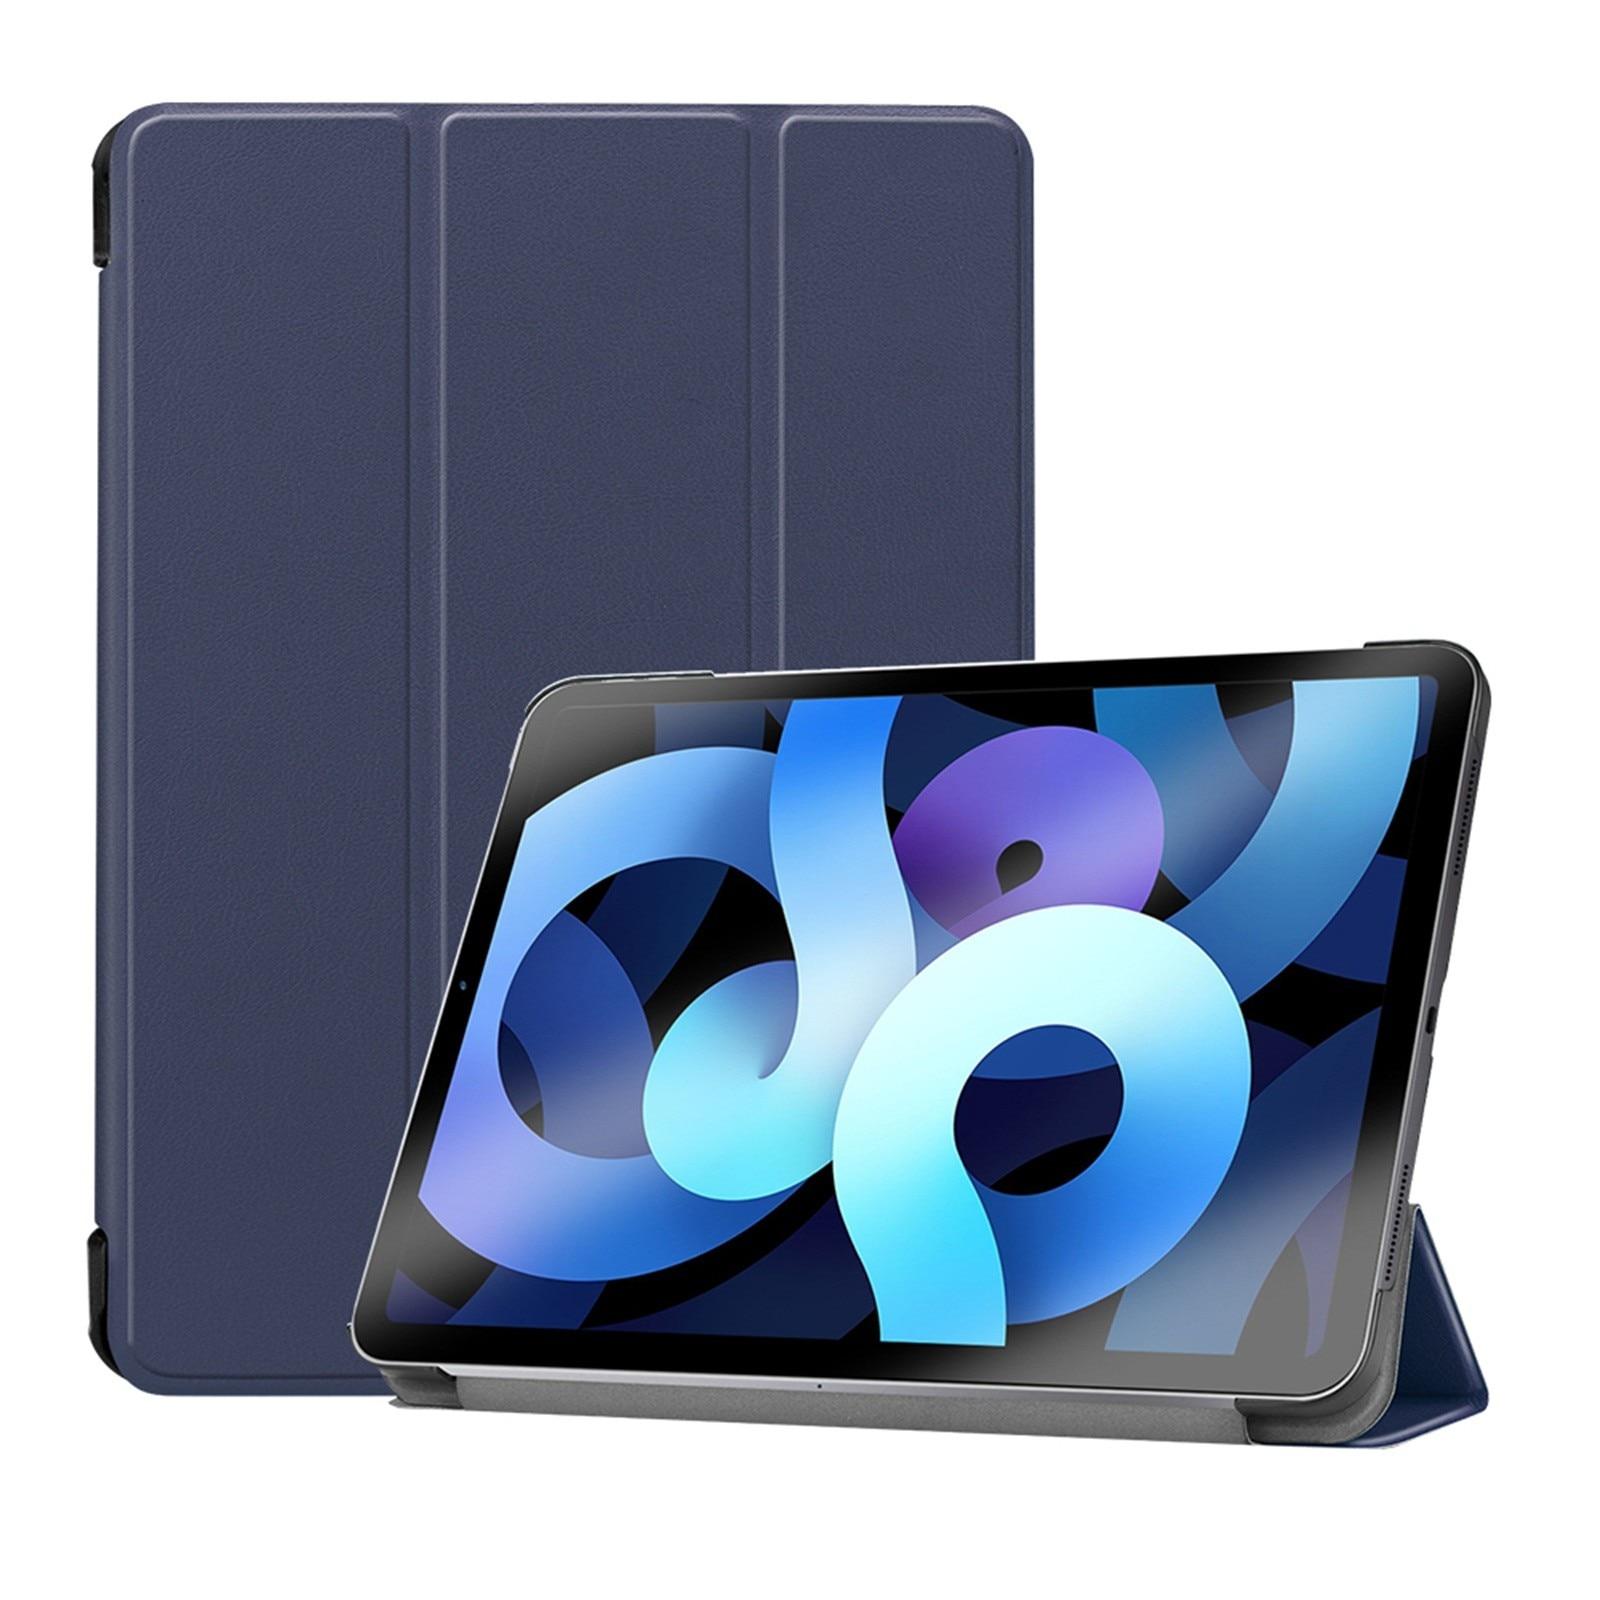 Funda de cuero delgada con soporte de pie para iPad Air 4, 10,9 pulgadas, Teclast Carcasa protectora para Tablet PC, 2020